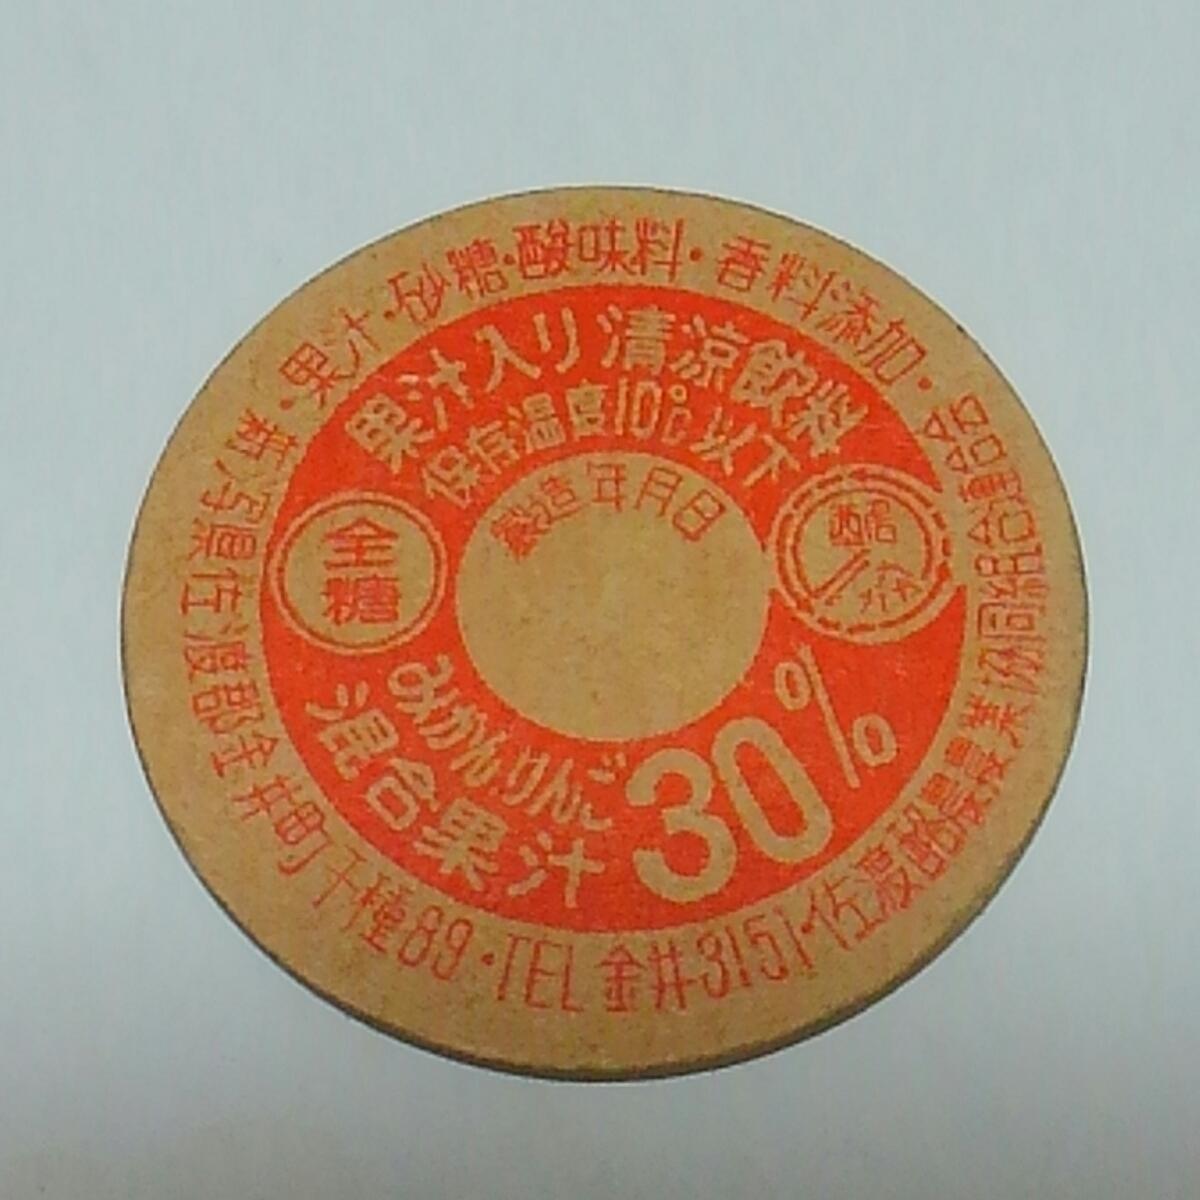 【牛乳キャップ】【レア】40年以上前 みかんりんご混合果汁30% 全糖 未使用 新潟県/佐渡酪農農業協同組合連合会